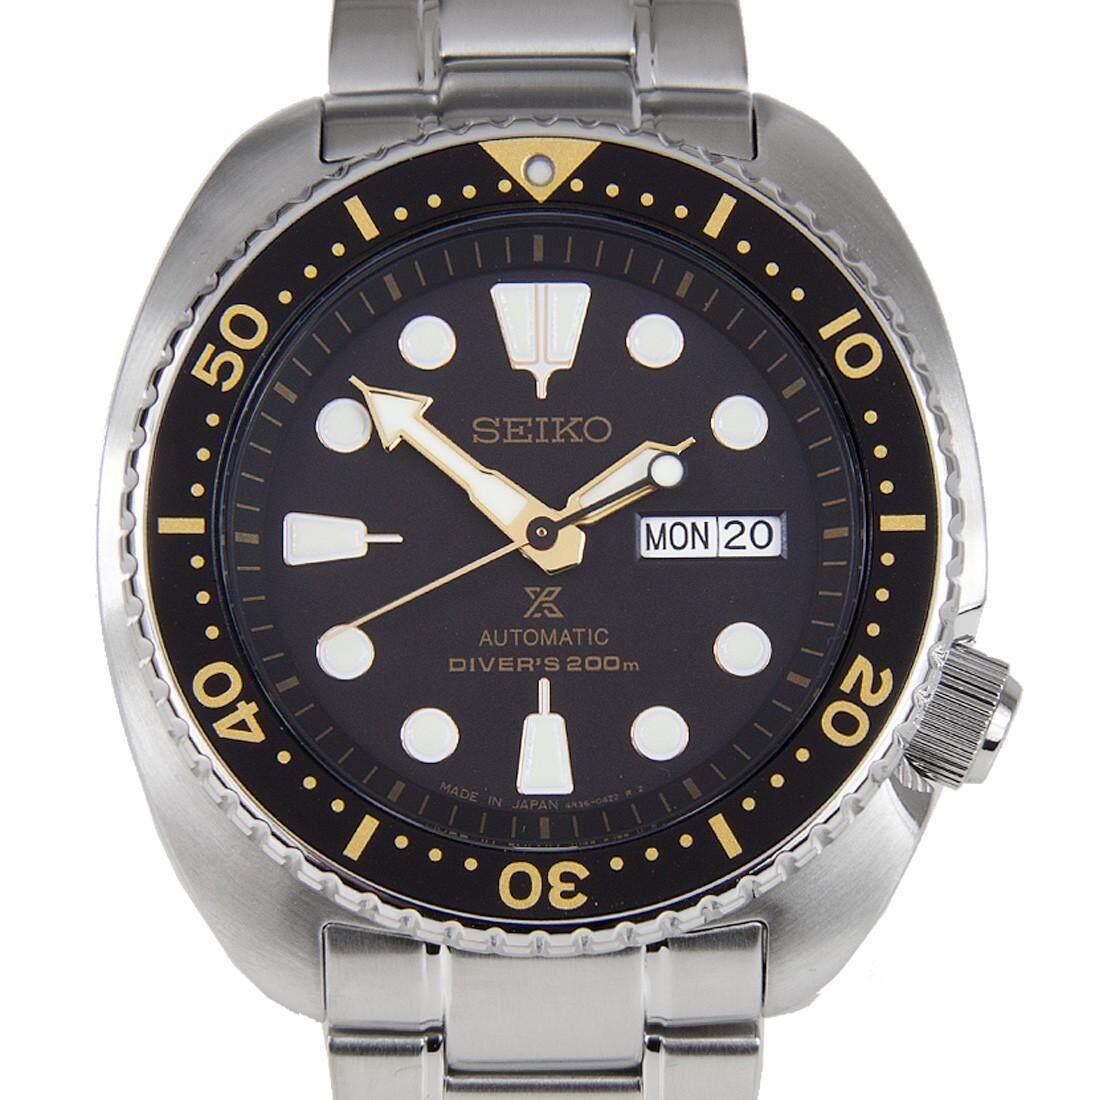 การใช้งาน  ศรีสะเกษ นาฬิกาไซโก้ Seiko SRP775 Propex SRP775K SRP775K1